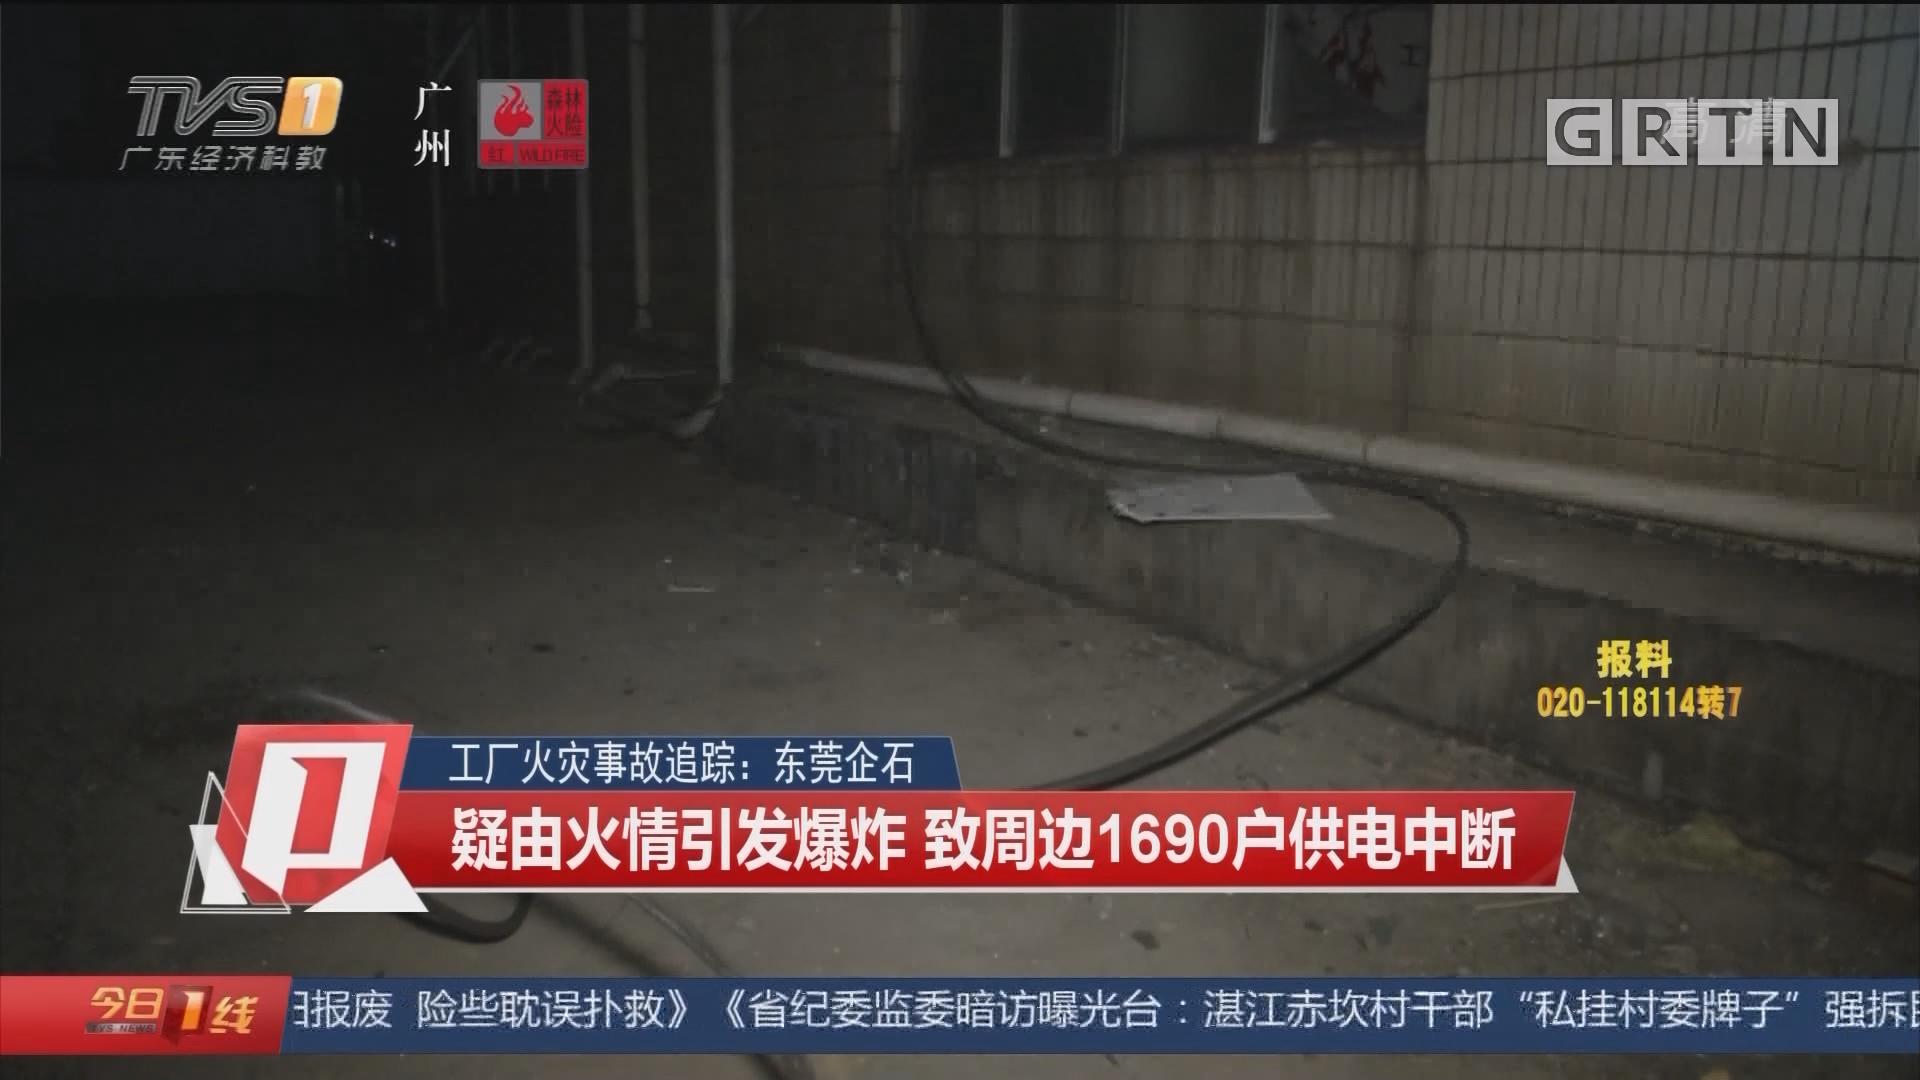 工厂火灾事故追踪:东莞企石 疑由火情引发爆炸 致周边1690户供电中断